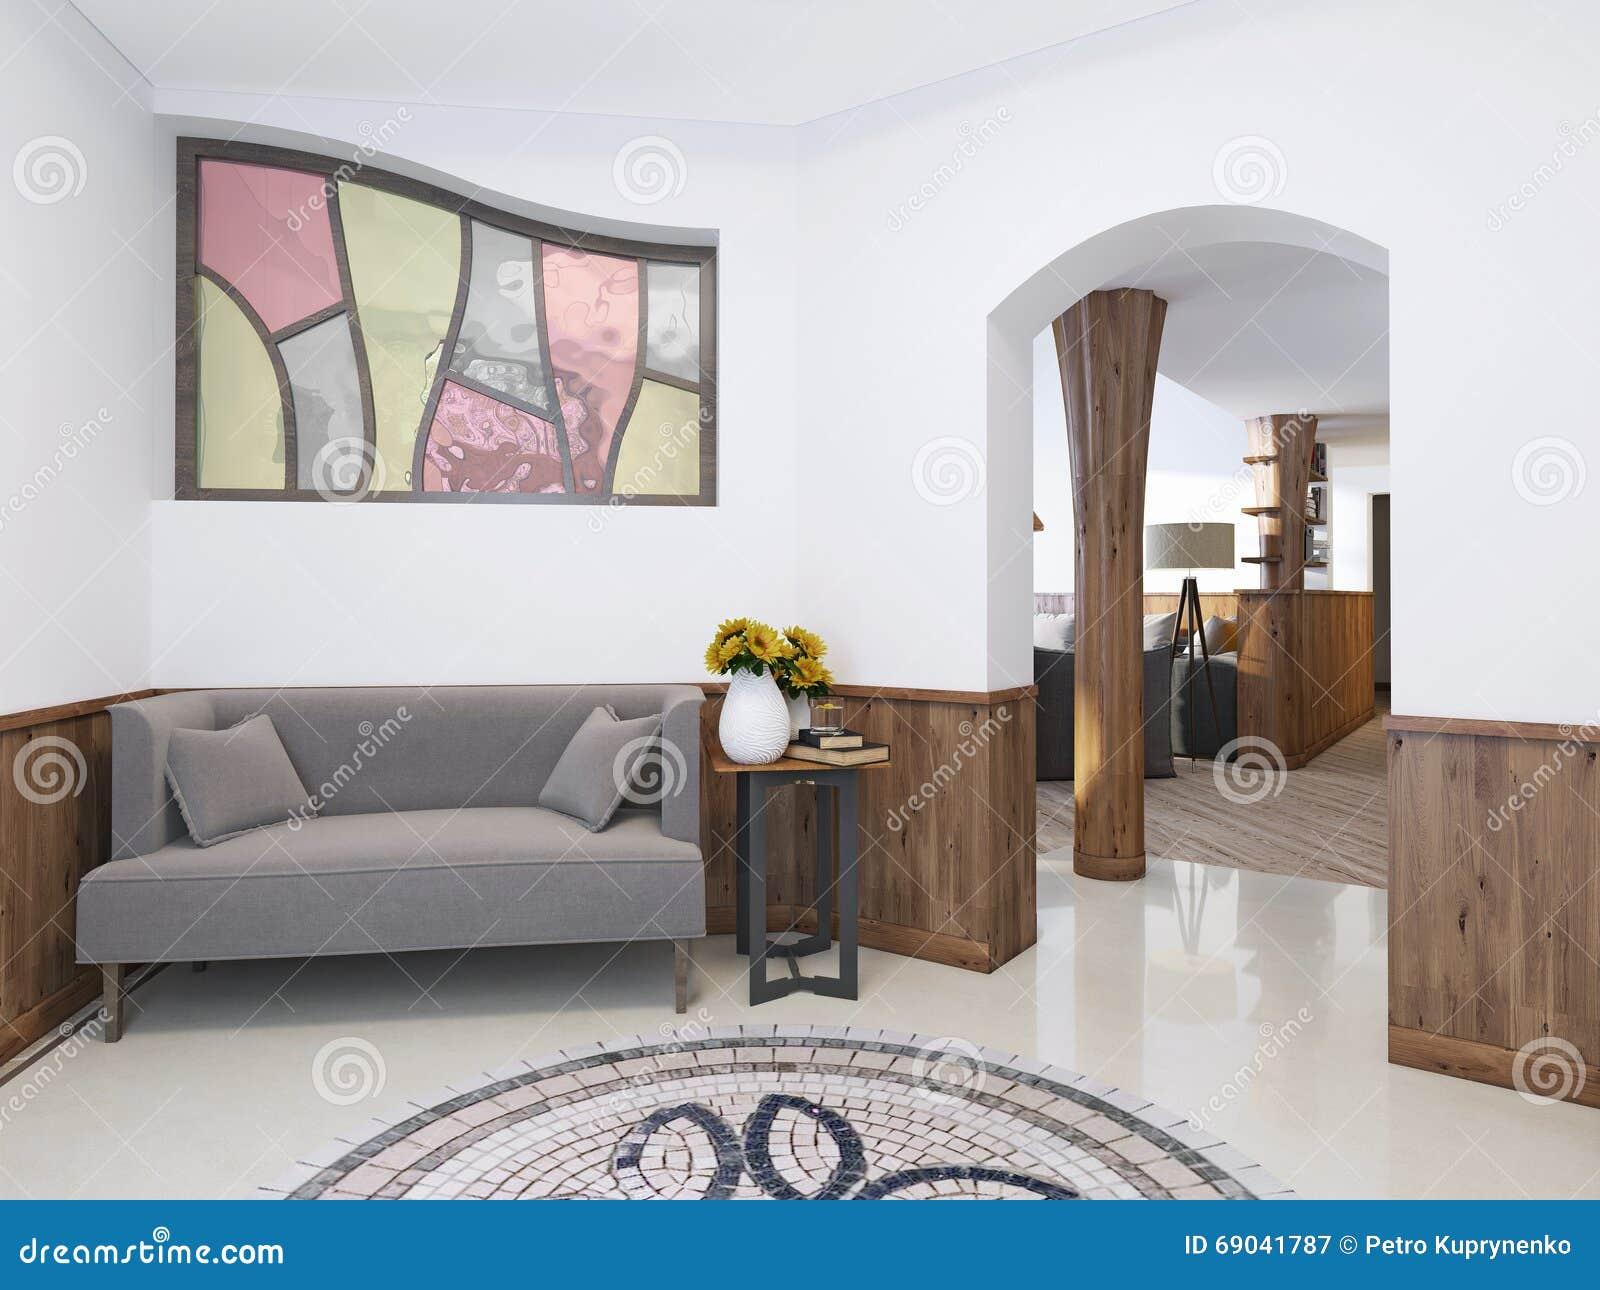 Illuminazione Di Un Corridoio : Casa di corridoio in uno stile del sottotetto con un soffitto alto